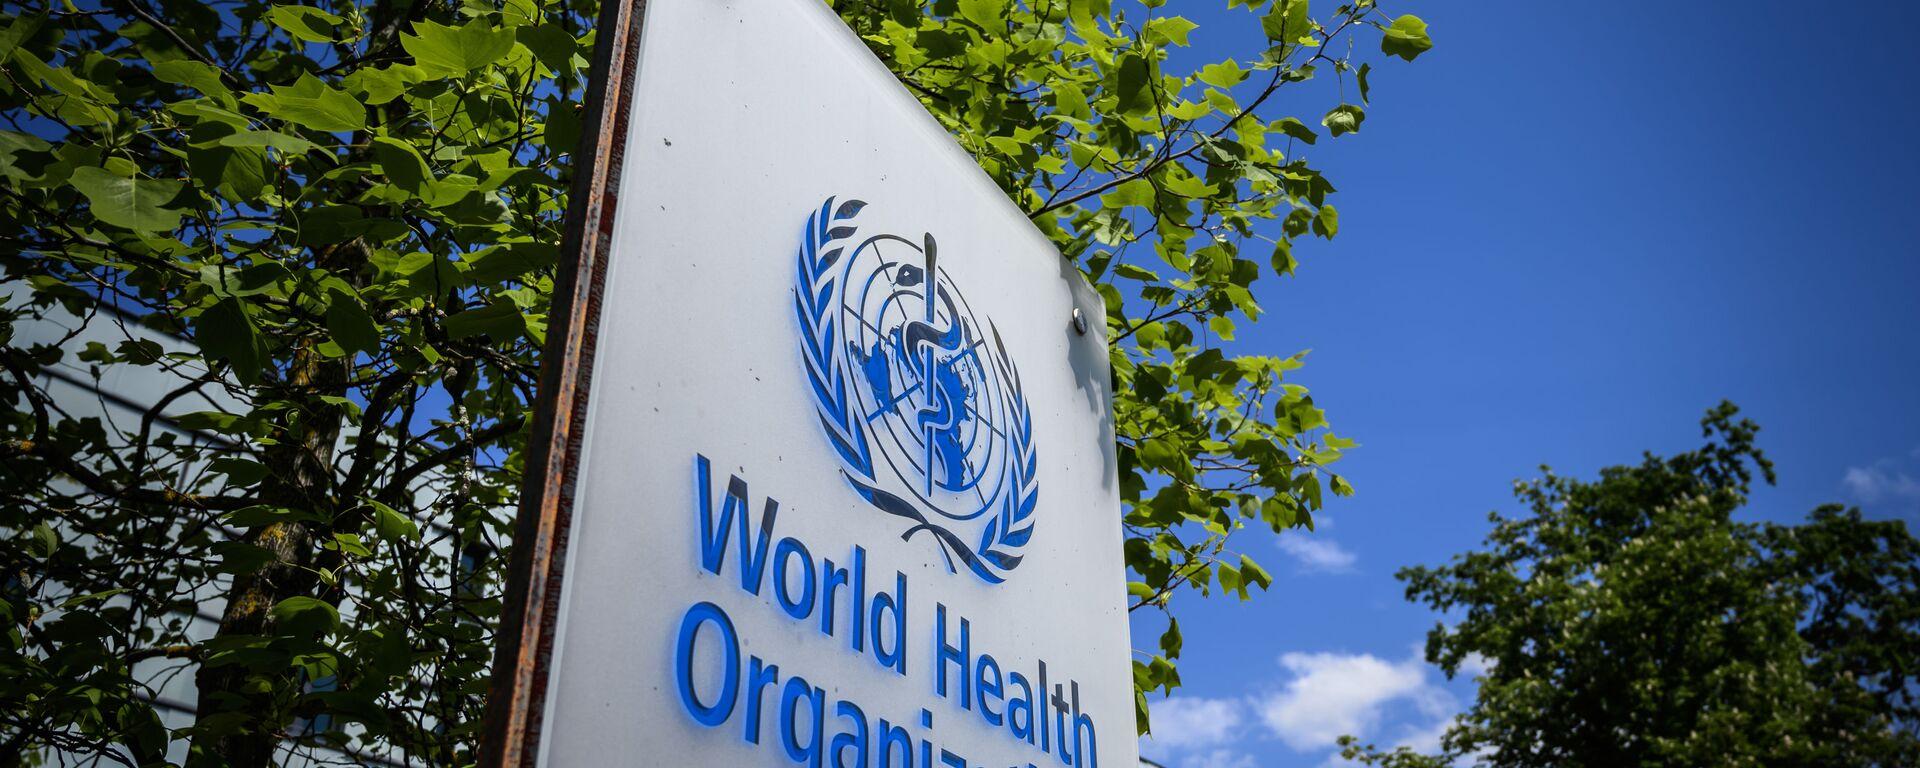 Штаб-квартира Всемирной организации здравоохранения (ВОЗ) в Женеве, фото из архива - Sputnik Азербайджан, 1920, 18.02.2021